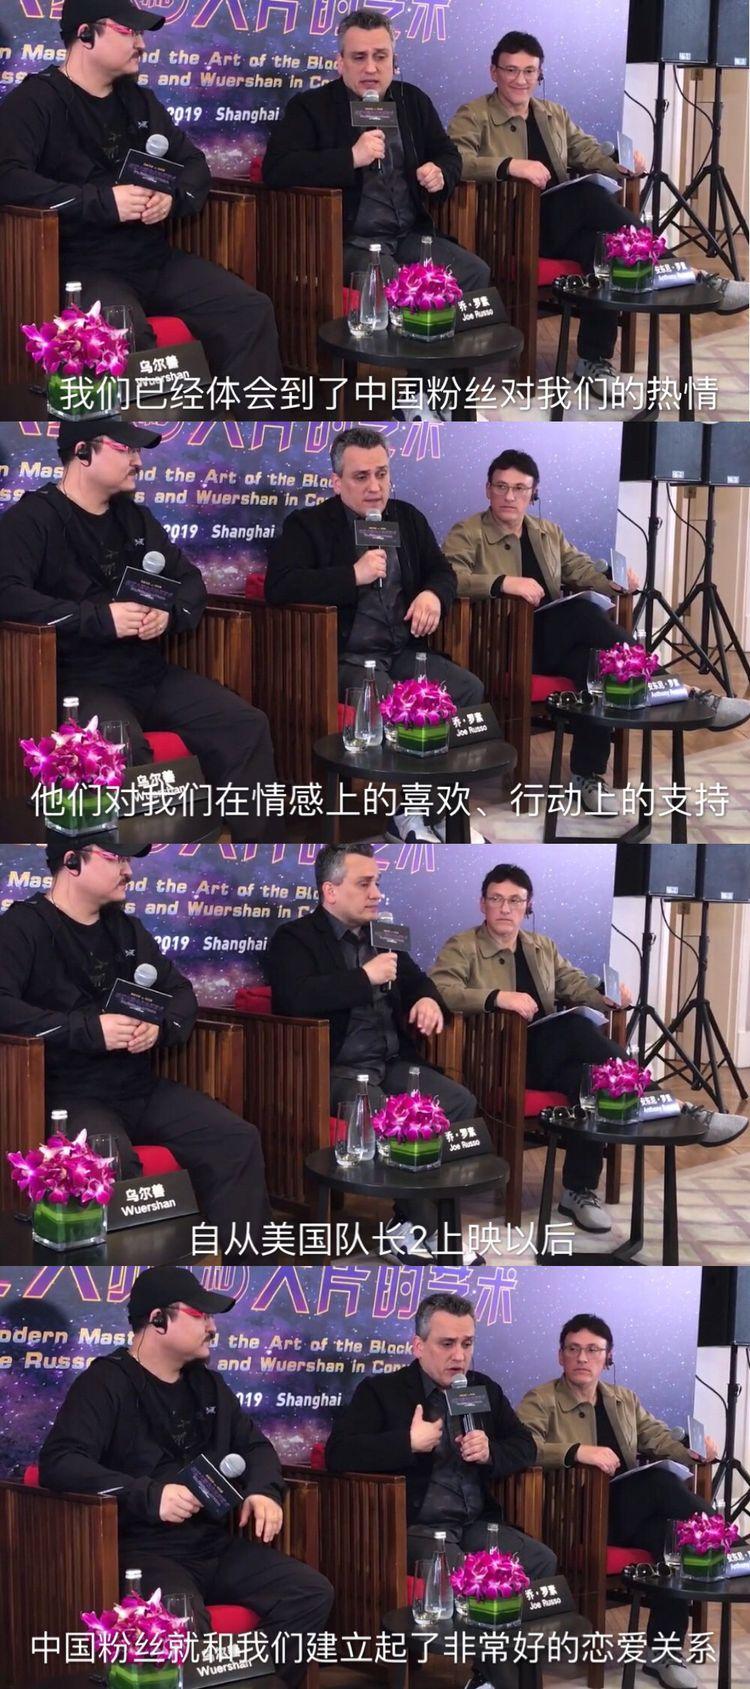 """中国粉丝对《复联4》热情高涨,导演罗素兄弟称像""""恋爱关系""""  第3张"""